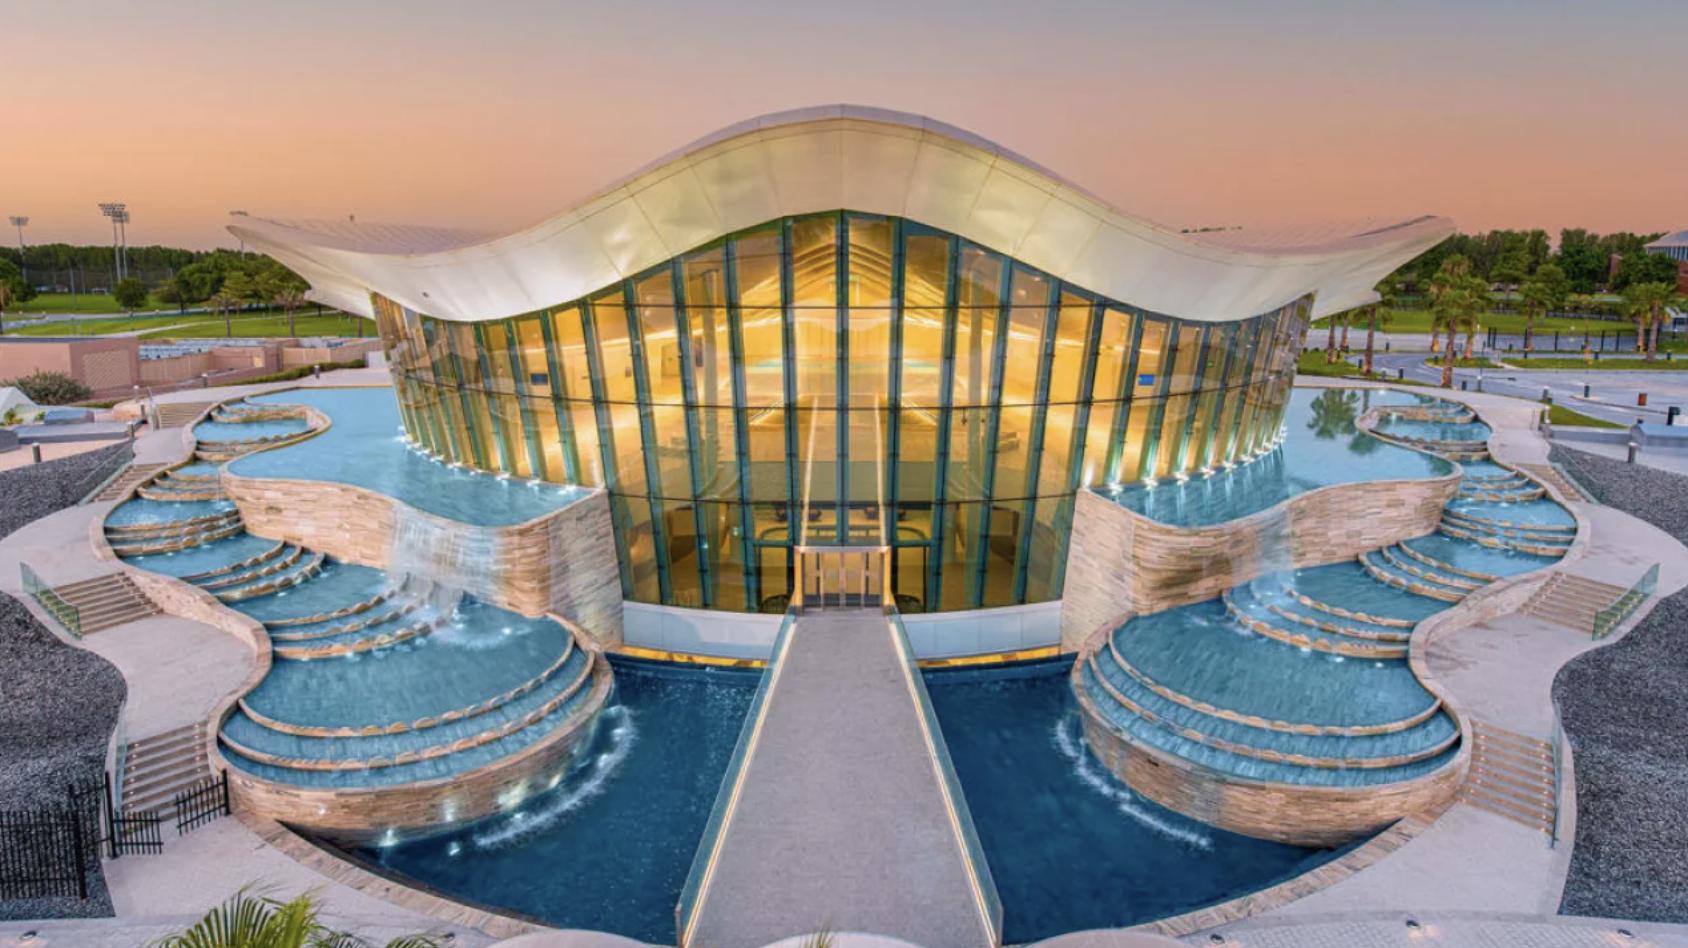 У Дубаї відкрили найглибший у світі басейн для дайвінгу з величезним підводним містом